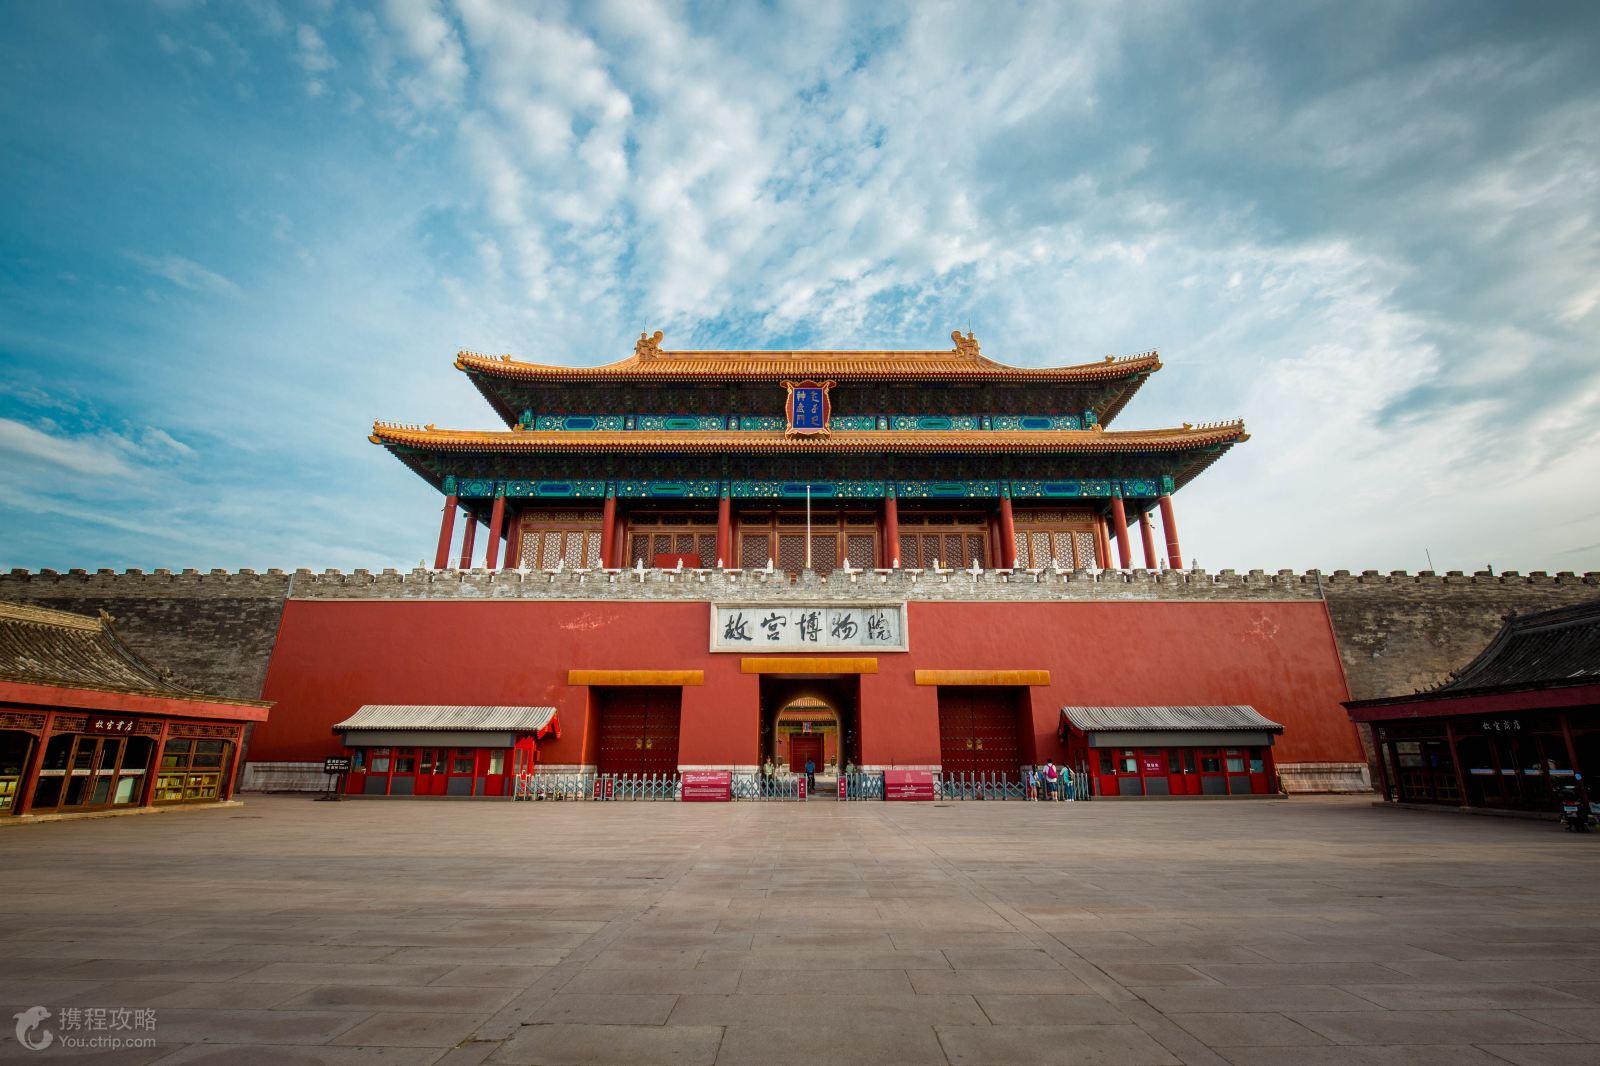 北京圆明园门票价格_北京故宫,颐和园,圆明园,动物园的门票价格是多少,学生票 ...